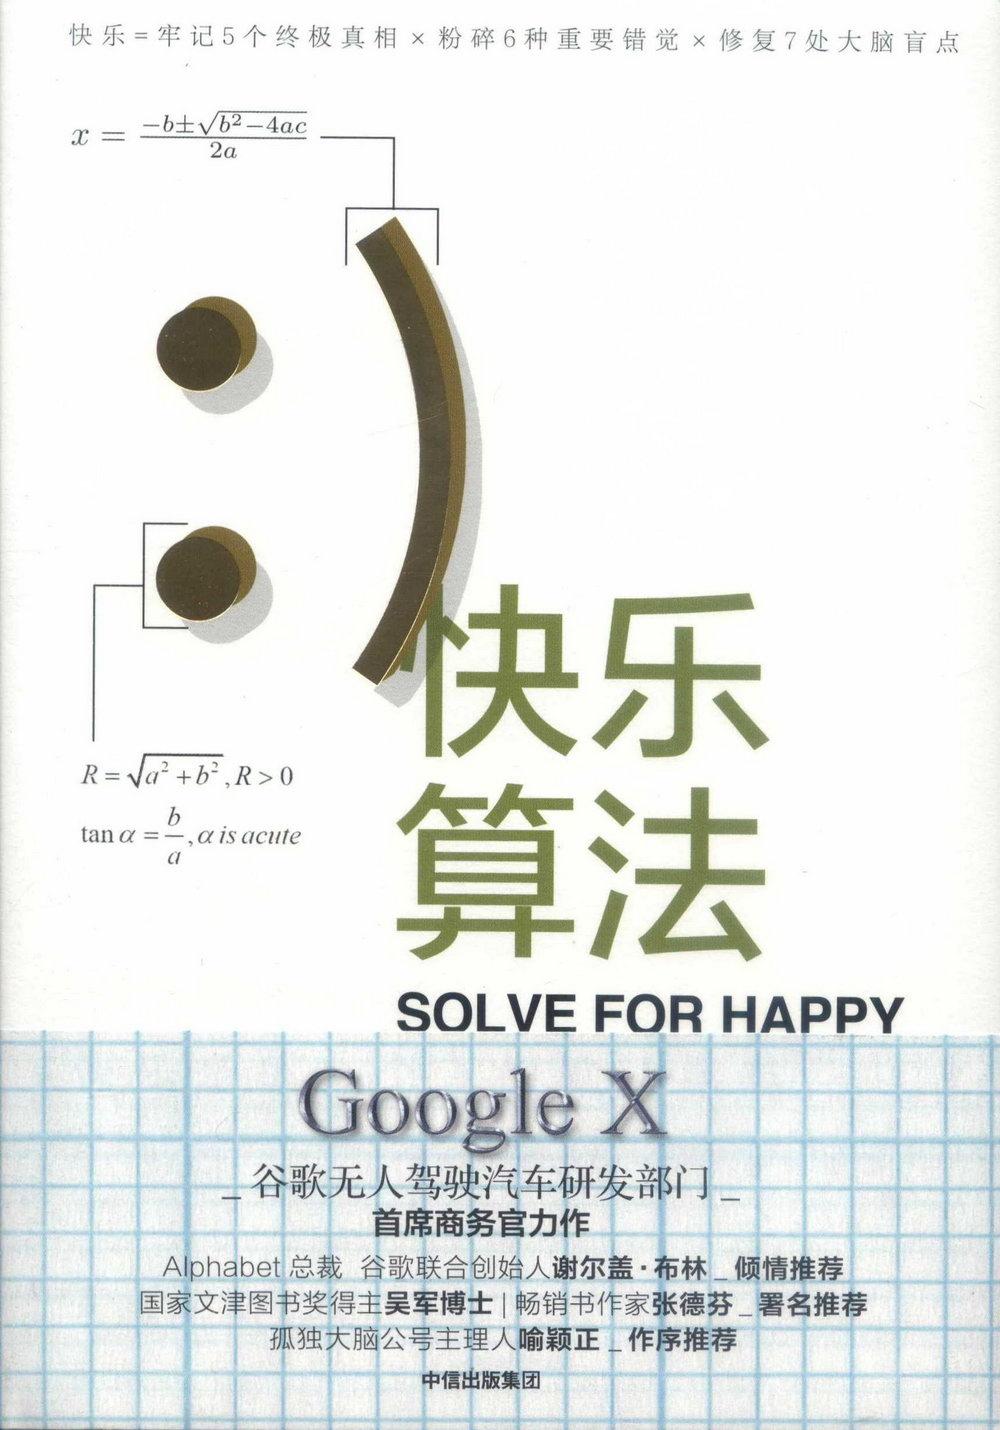 快樂演算法:快樂是每一個人的默認狀態